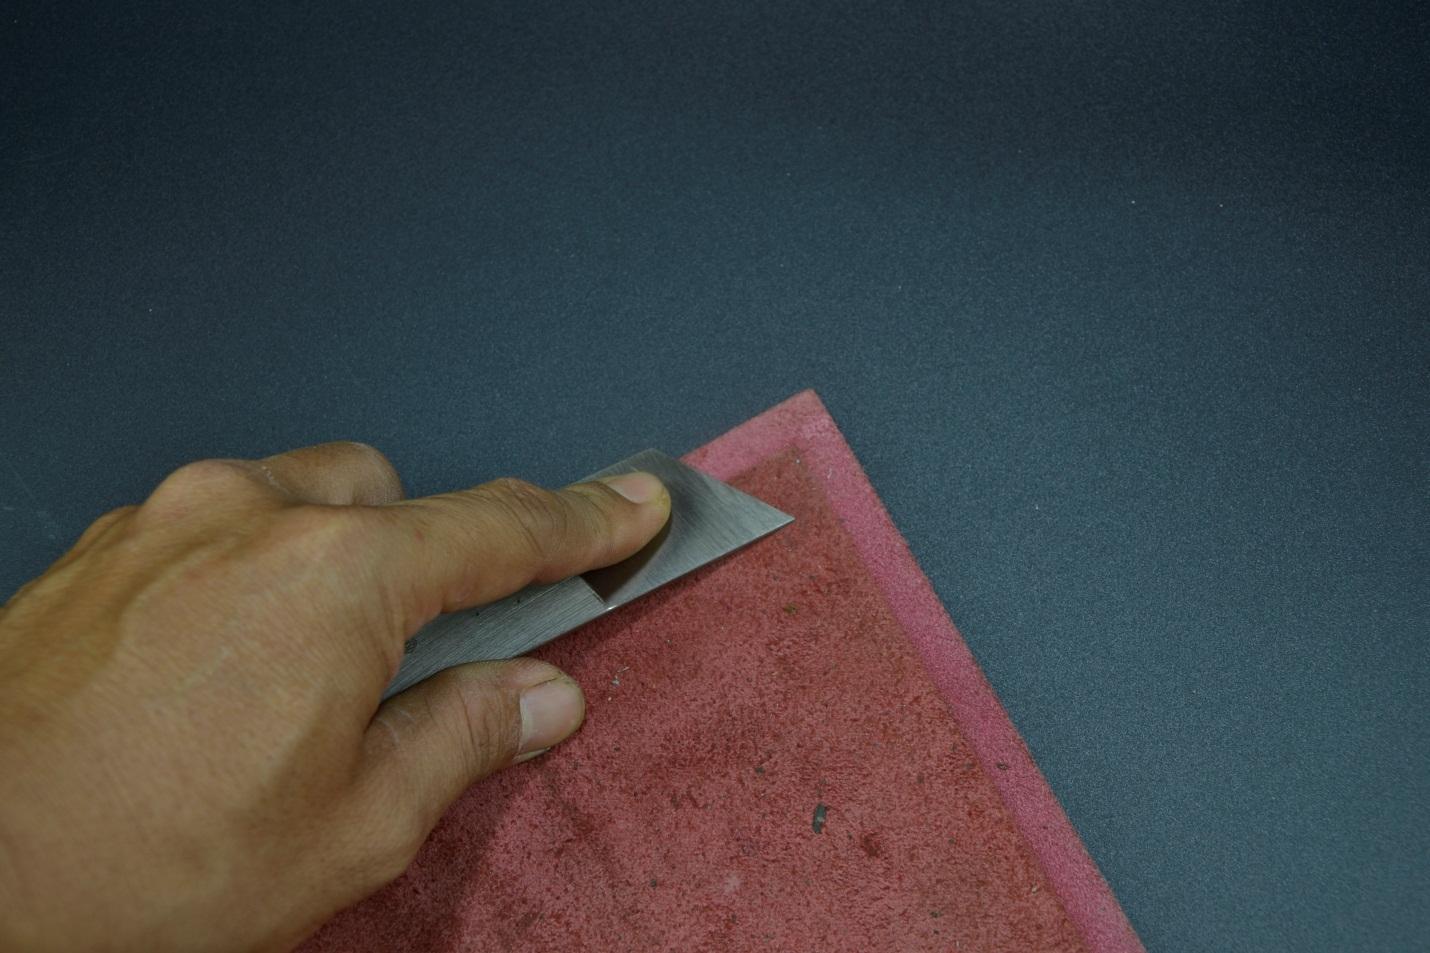 D:\New folder\Documents\dụng cụ làm da\bán dao cắt da\_DSC0160.JPG